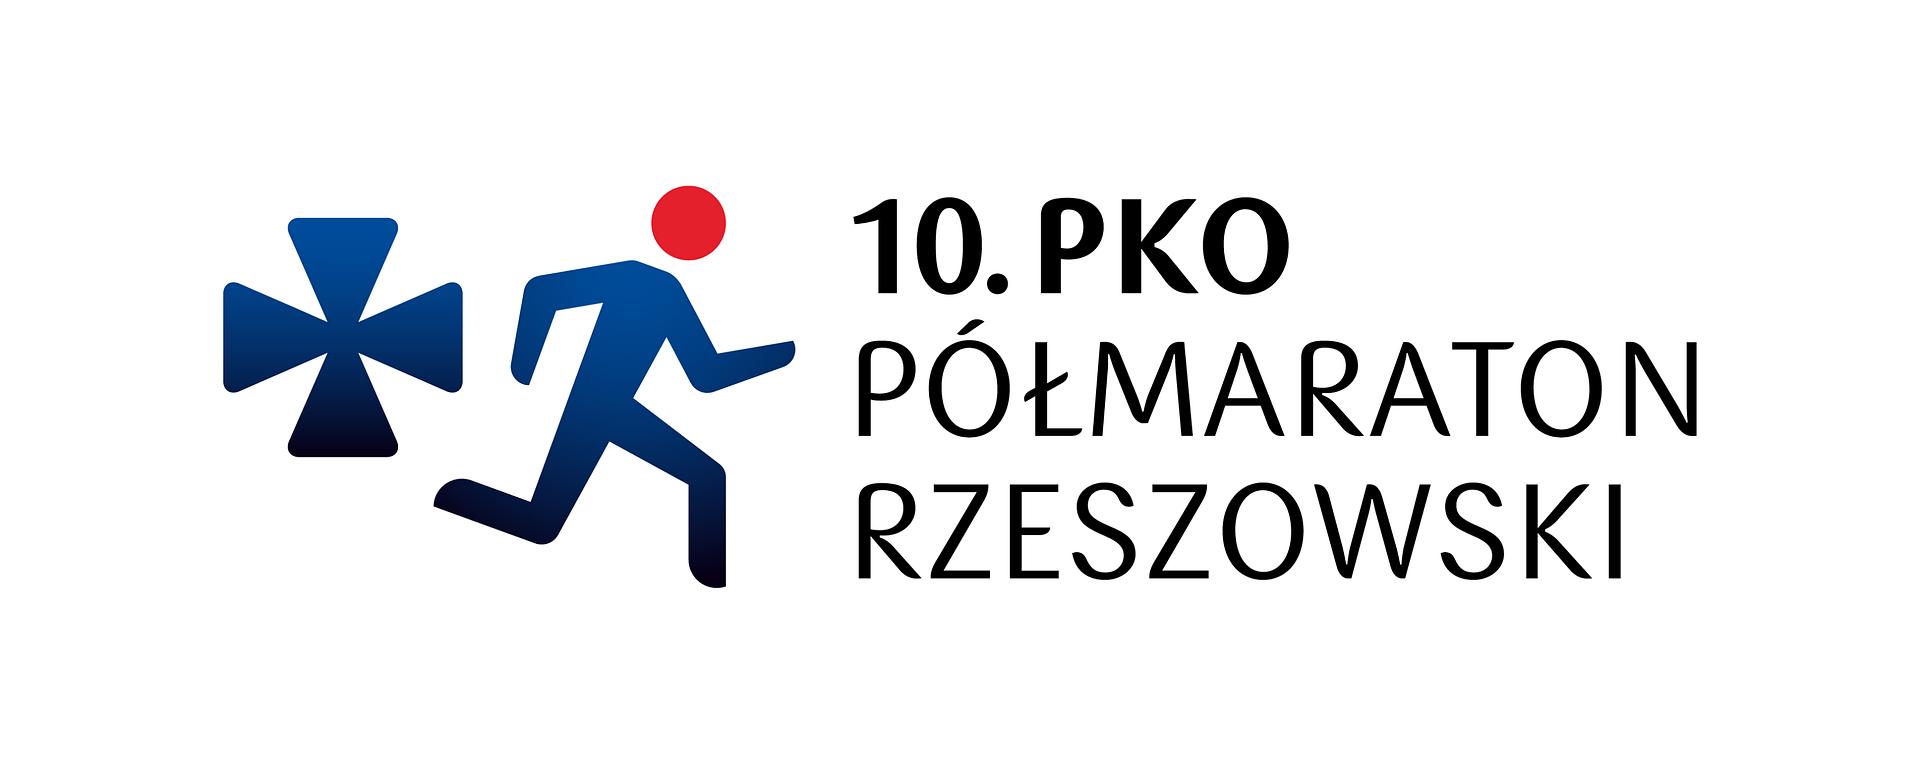 PKO Bank Polski zaprasza na 10. PKO Półmaraton Rzeszowski